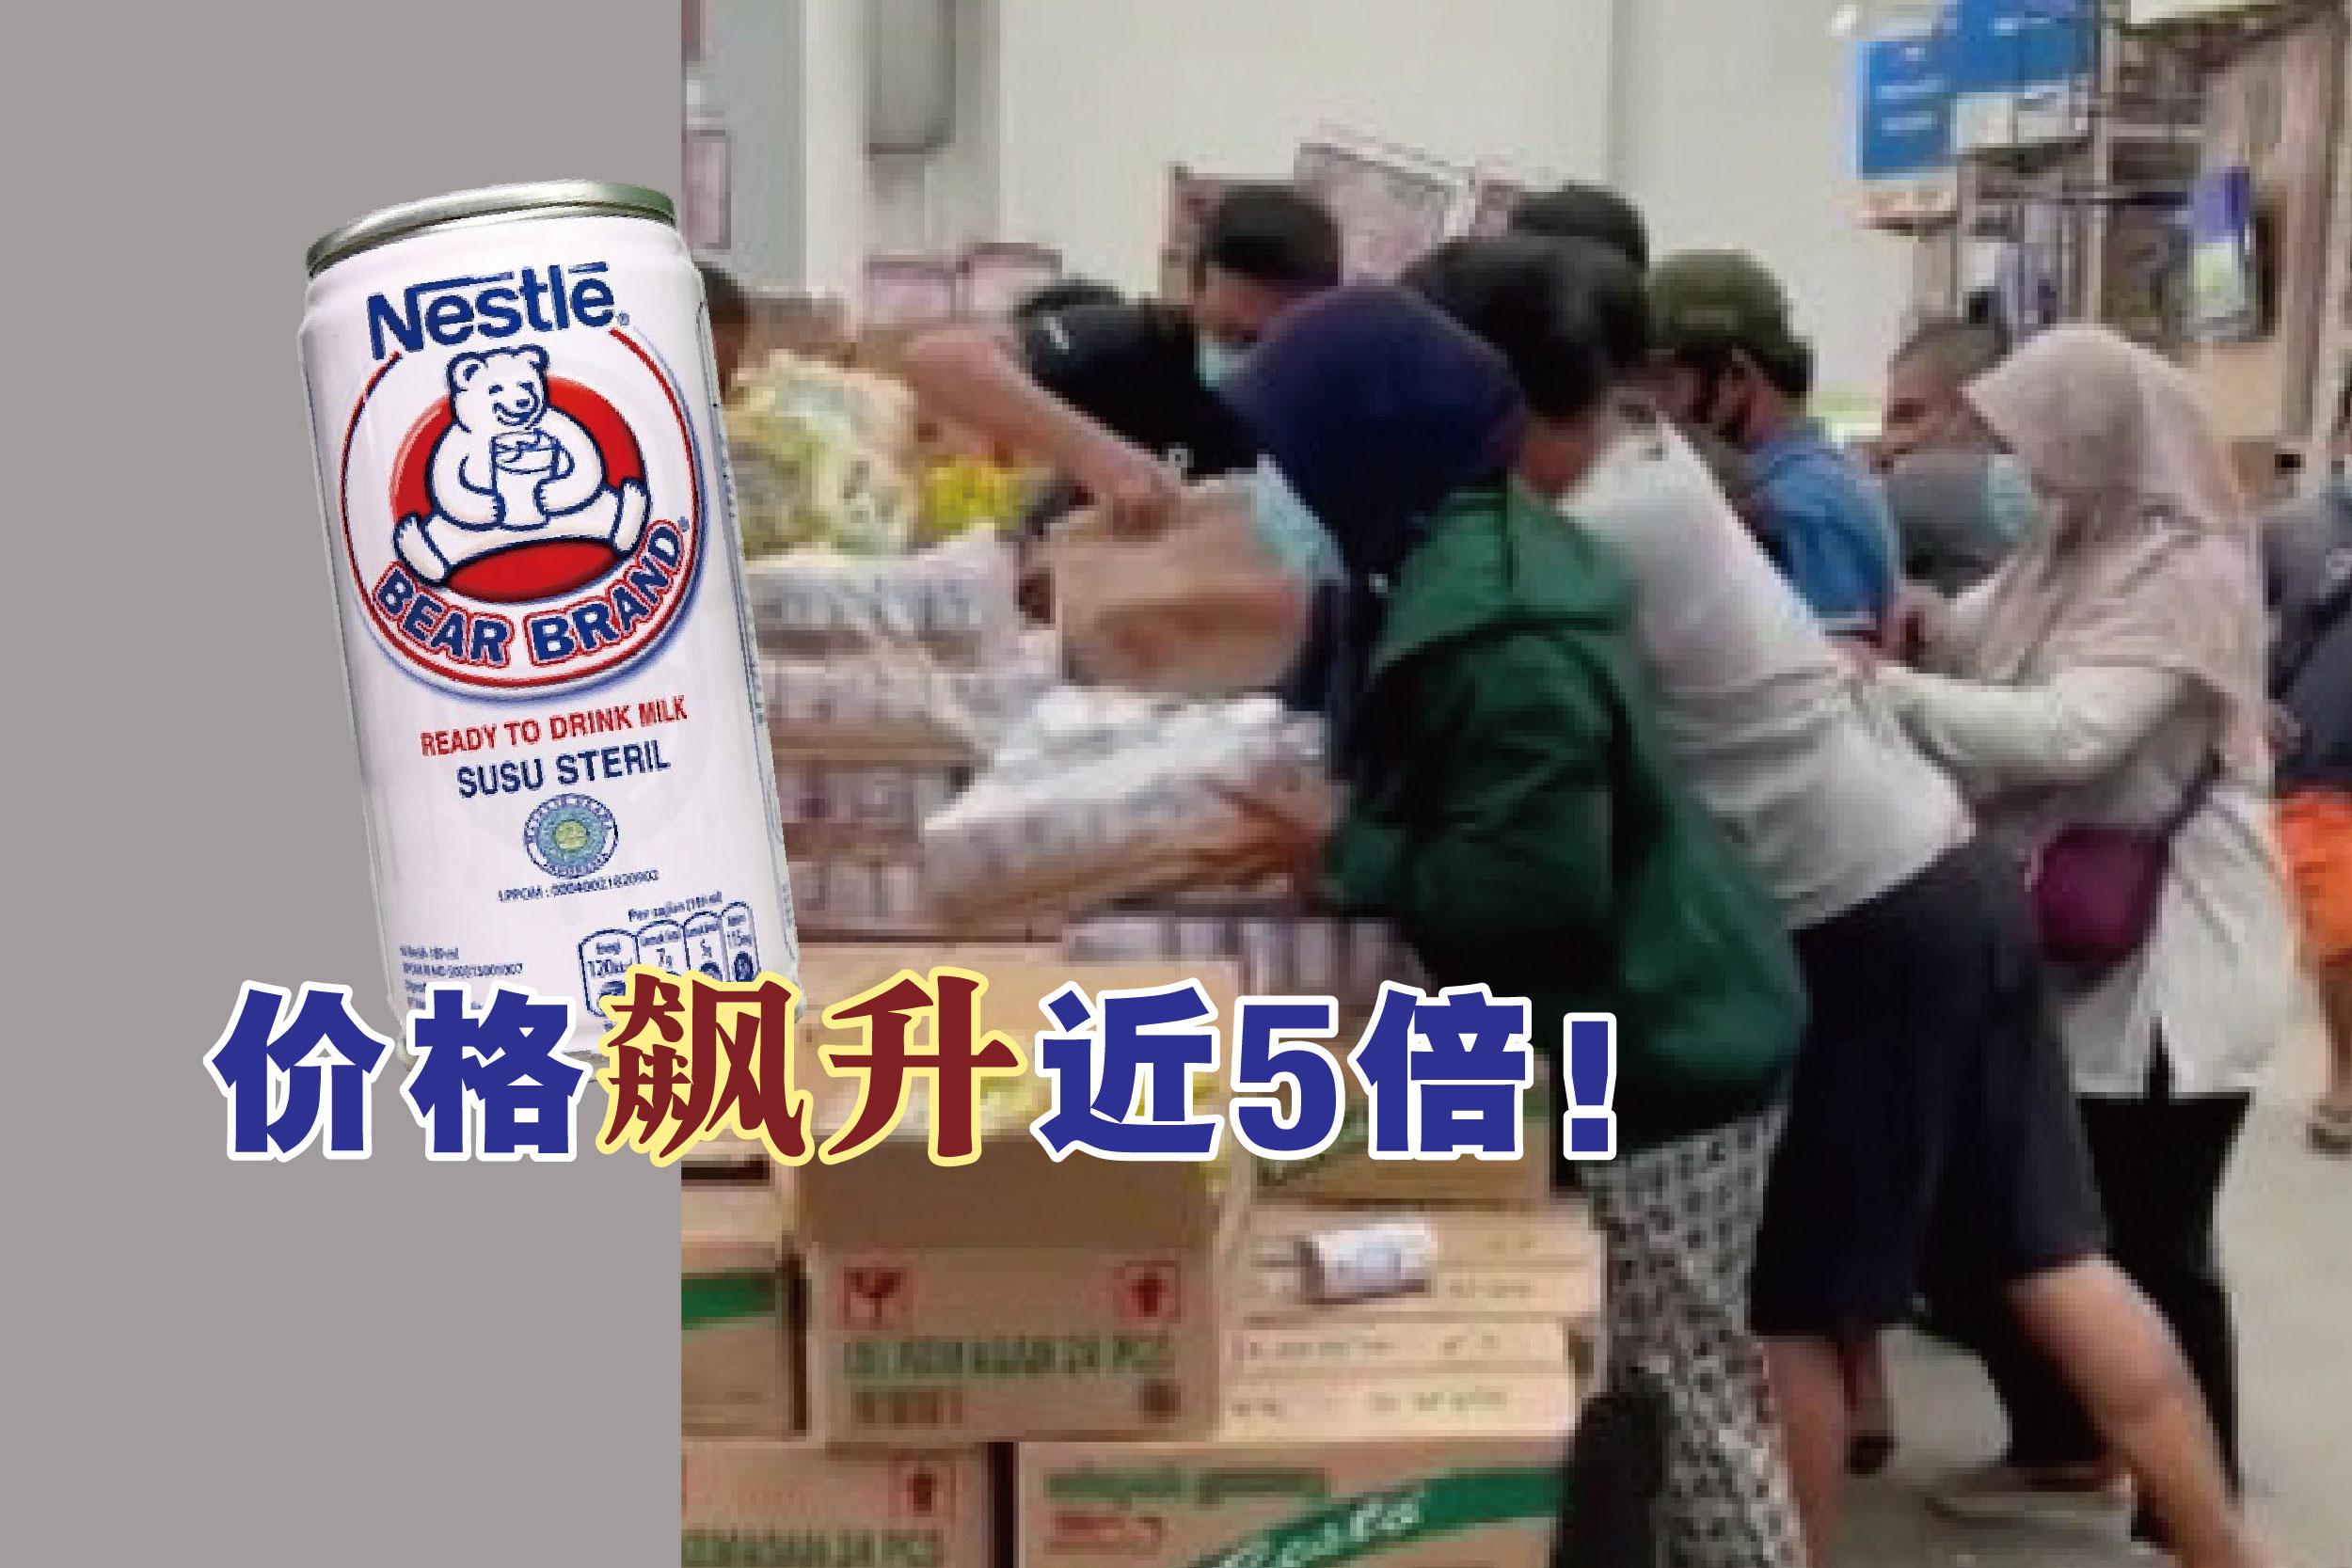 """印尼网传雀巢(Nestle)旗下的""""Bear""""牛奶能够提高免疫力,抵抗新冠病毒,以致当地民众掀起抢购潮。-精彩大马制图-"""